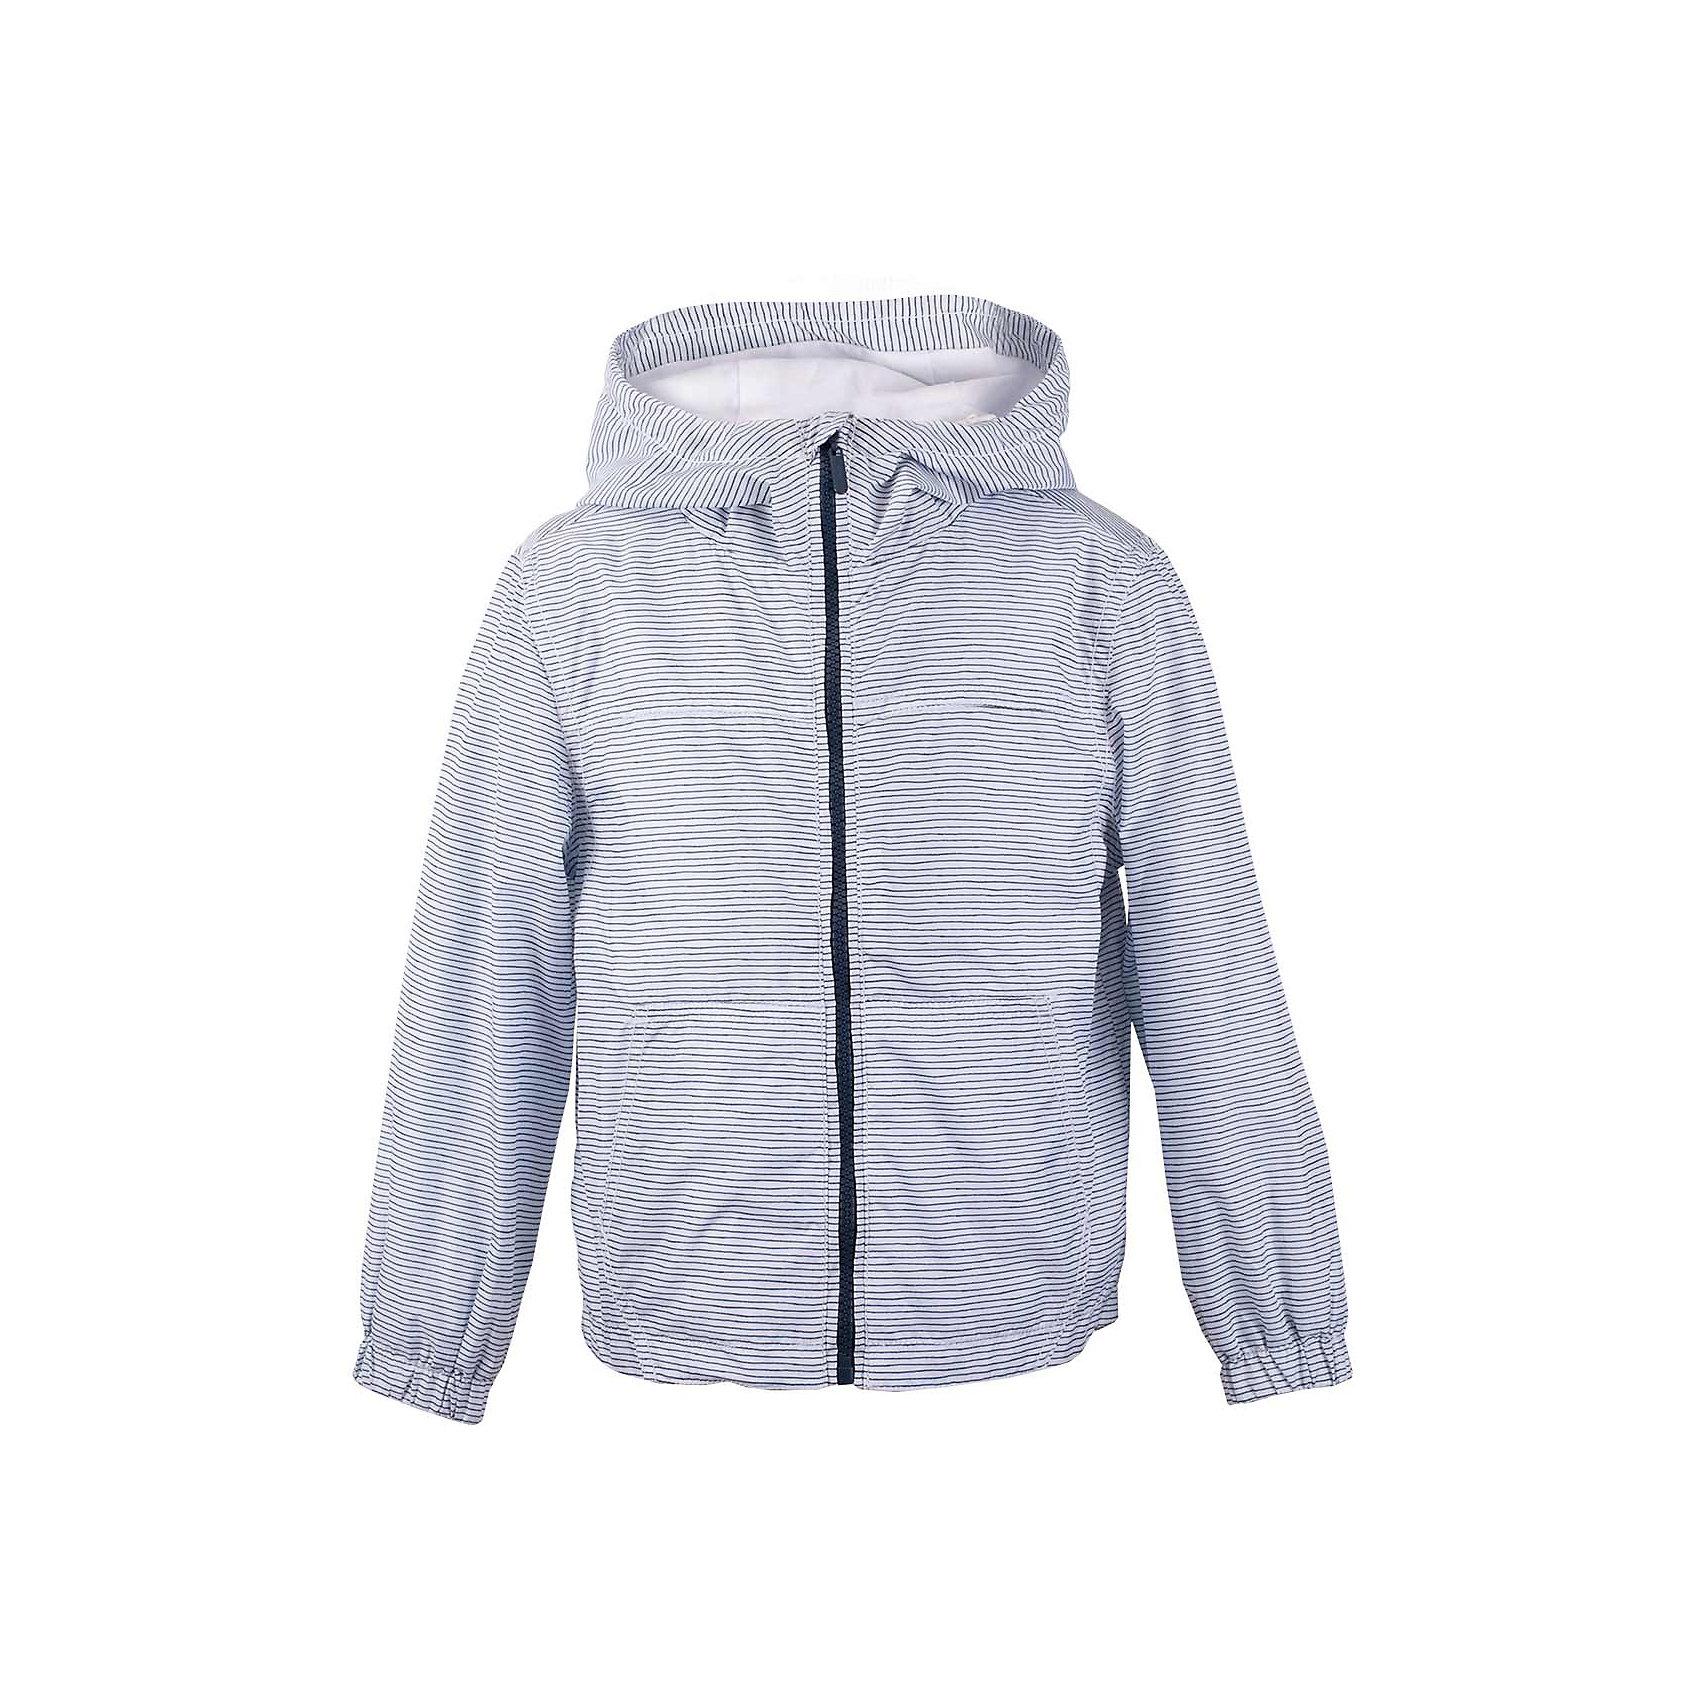 Куртка для мальчика  BUTTON BLUEВерхняя одежда<br>Куртка для мальчика  BUTTON BLUE<br>Яркая ветровка - прекрасное решение для летней прохлады. Модная форма, динамичный рисунок ткани, продуманные детали подарят отличное настроение. Капюшон надежно защитит от дождя и ветра. Хлопковая трикотажная подкладка создаст уют. Если вы решили купить стильную ветровку для мальчика недорого, но хотите быть уверены в ее комфорте, качестве, высоких потребительских свойствах, полосатая ветровка от Button Blue - то, что нужно!<br>Состав:<br>Ткань  верха: 100% полиэстер, подклад: 100% хлопок/ 100% полиэстер<br><br>Ширина мм: 356<br>Глубина мм: 10<br>Высота мм: 245<br>Вес г: 519<br>Цвет: разноцветный<br>Возраст от месяцев: 24<br>Возраст до месяцев: 36<br>Пол: Мужской<br>Возраст: Детский<br>Размер: 98,158,152,146,140,134,128,122,116,110,104<br>SKU: 5524551